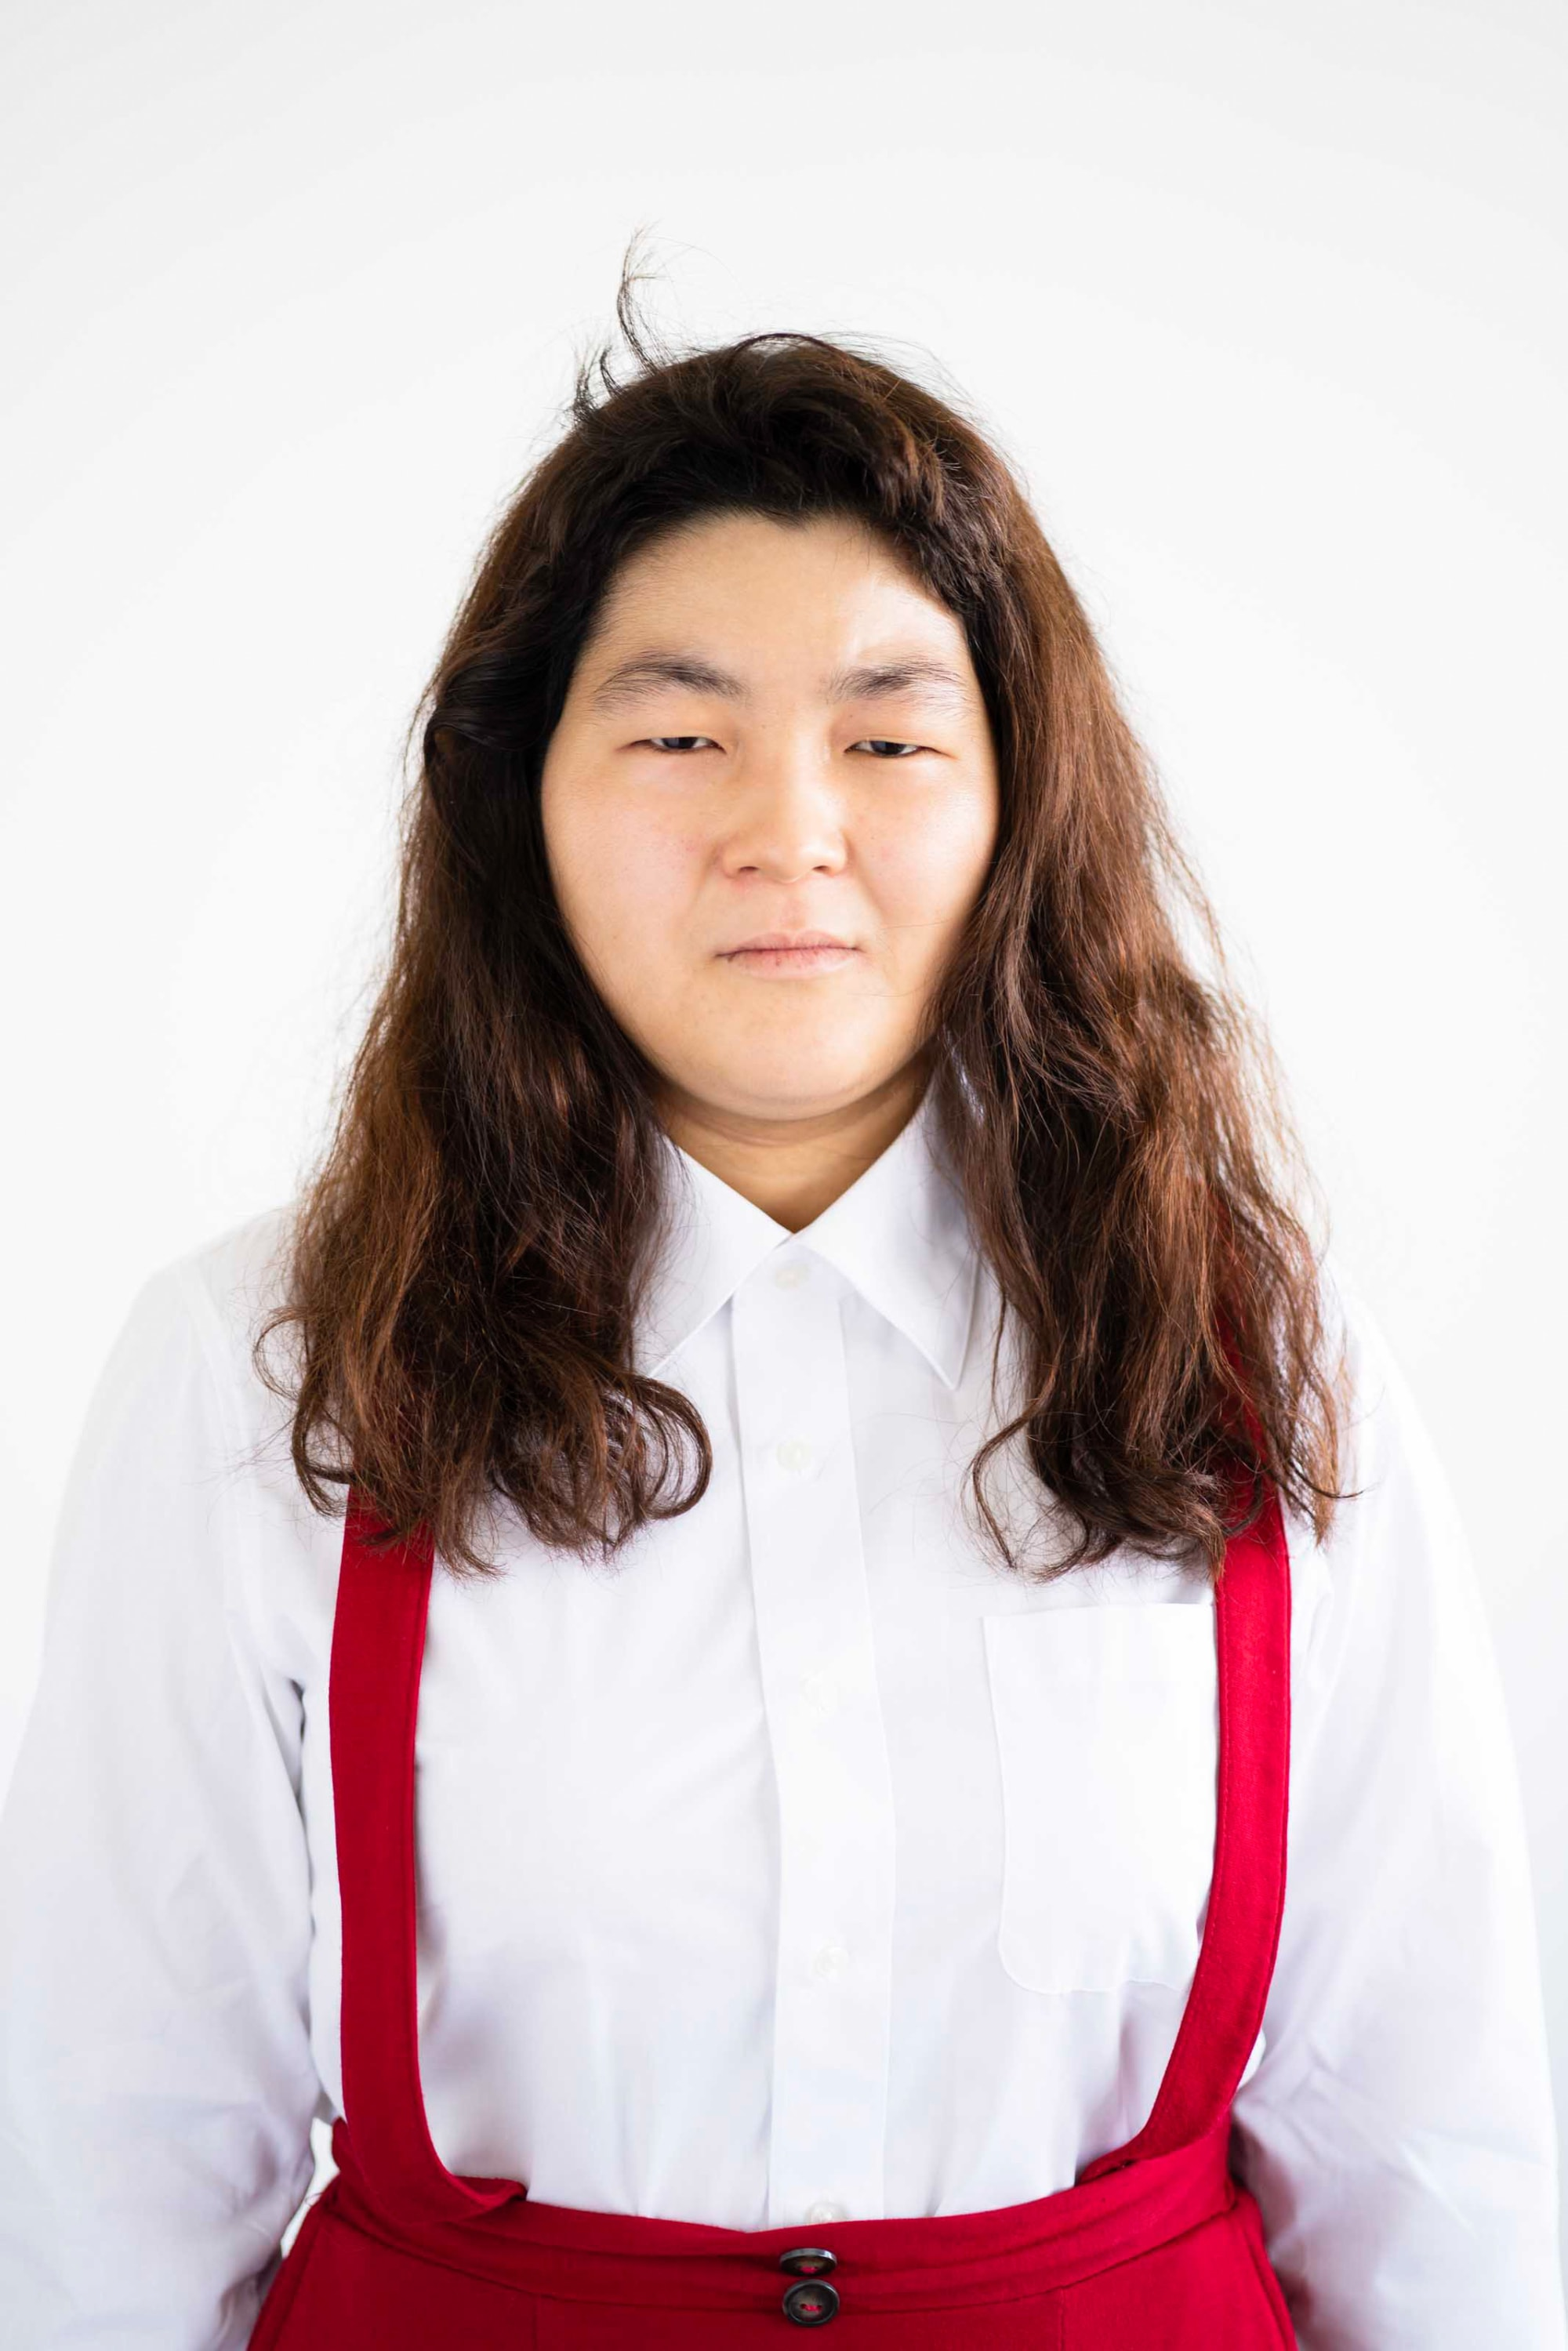 山ちゃん 女性芸人